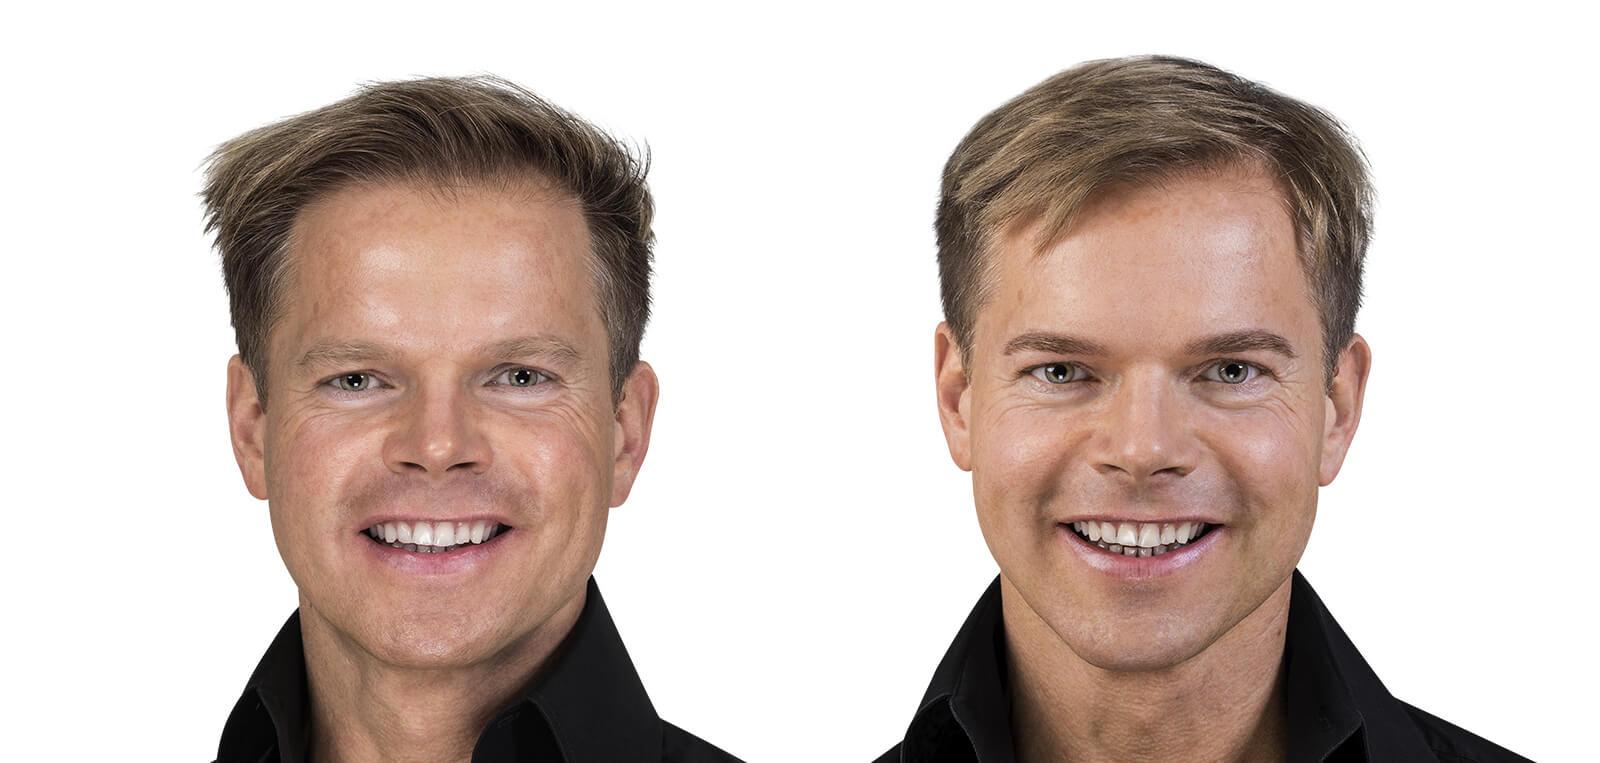 Permanent Make-Up Herren vorher/nachher komplett 01 | Der Jungbrunnen Aichach